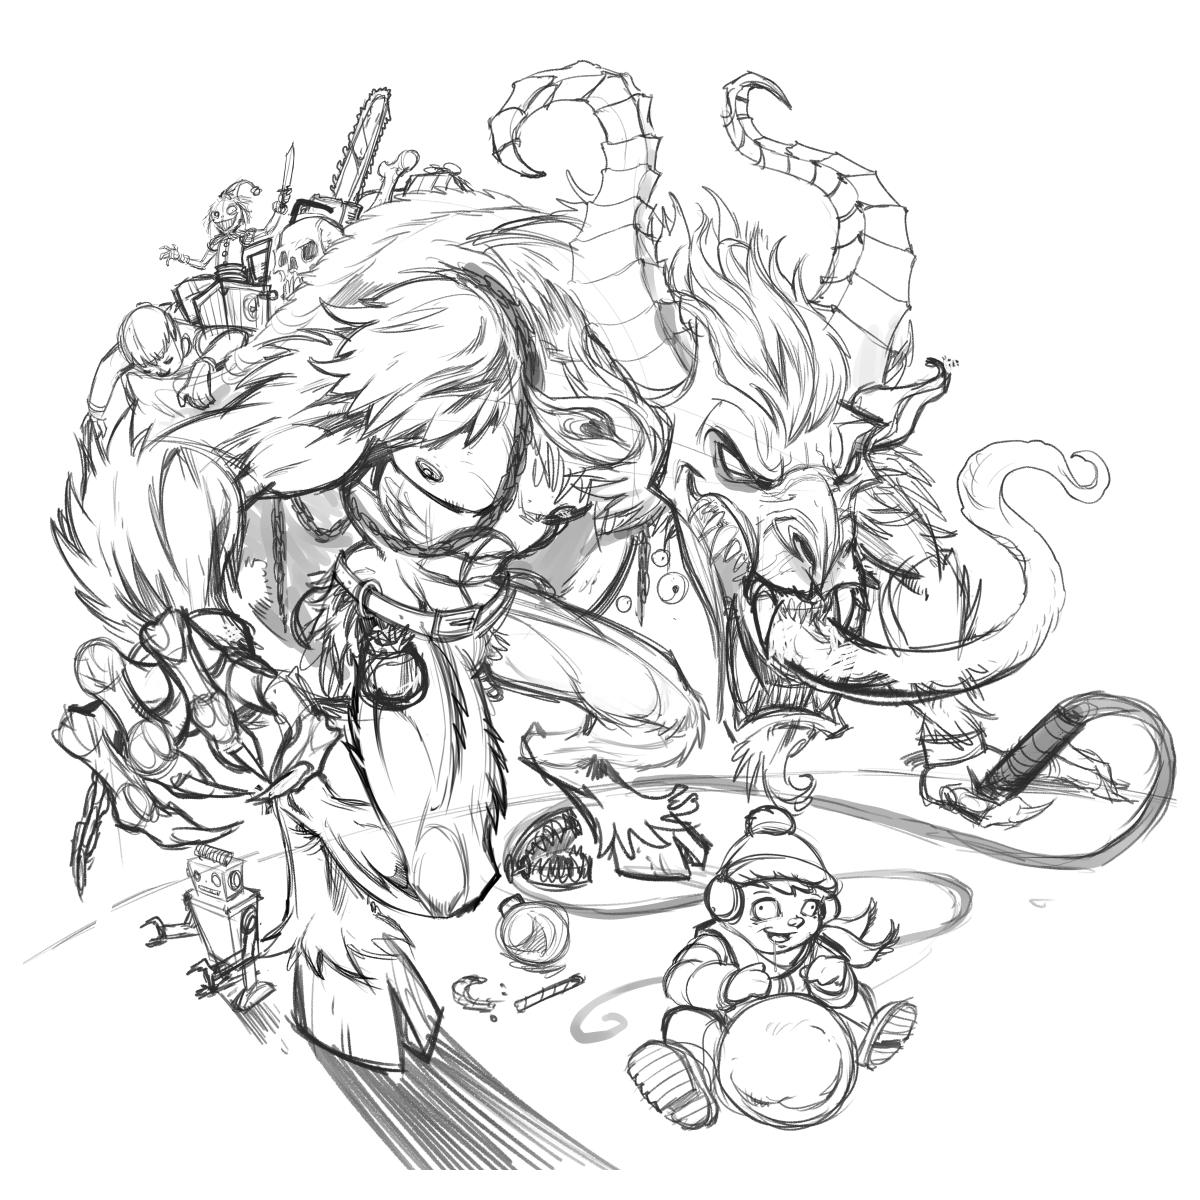 krampus drawing - Google Search   Krampus, Drawings, Sketches   1200x1200